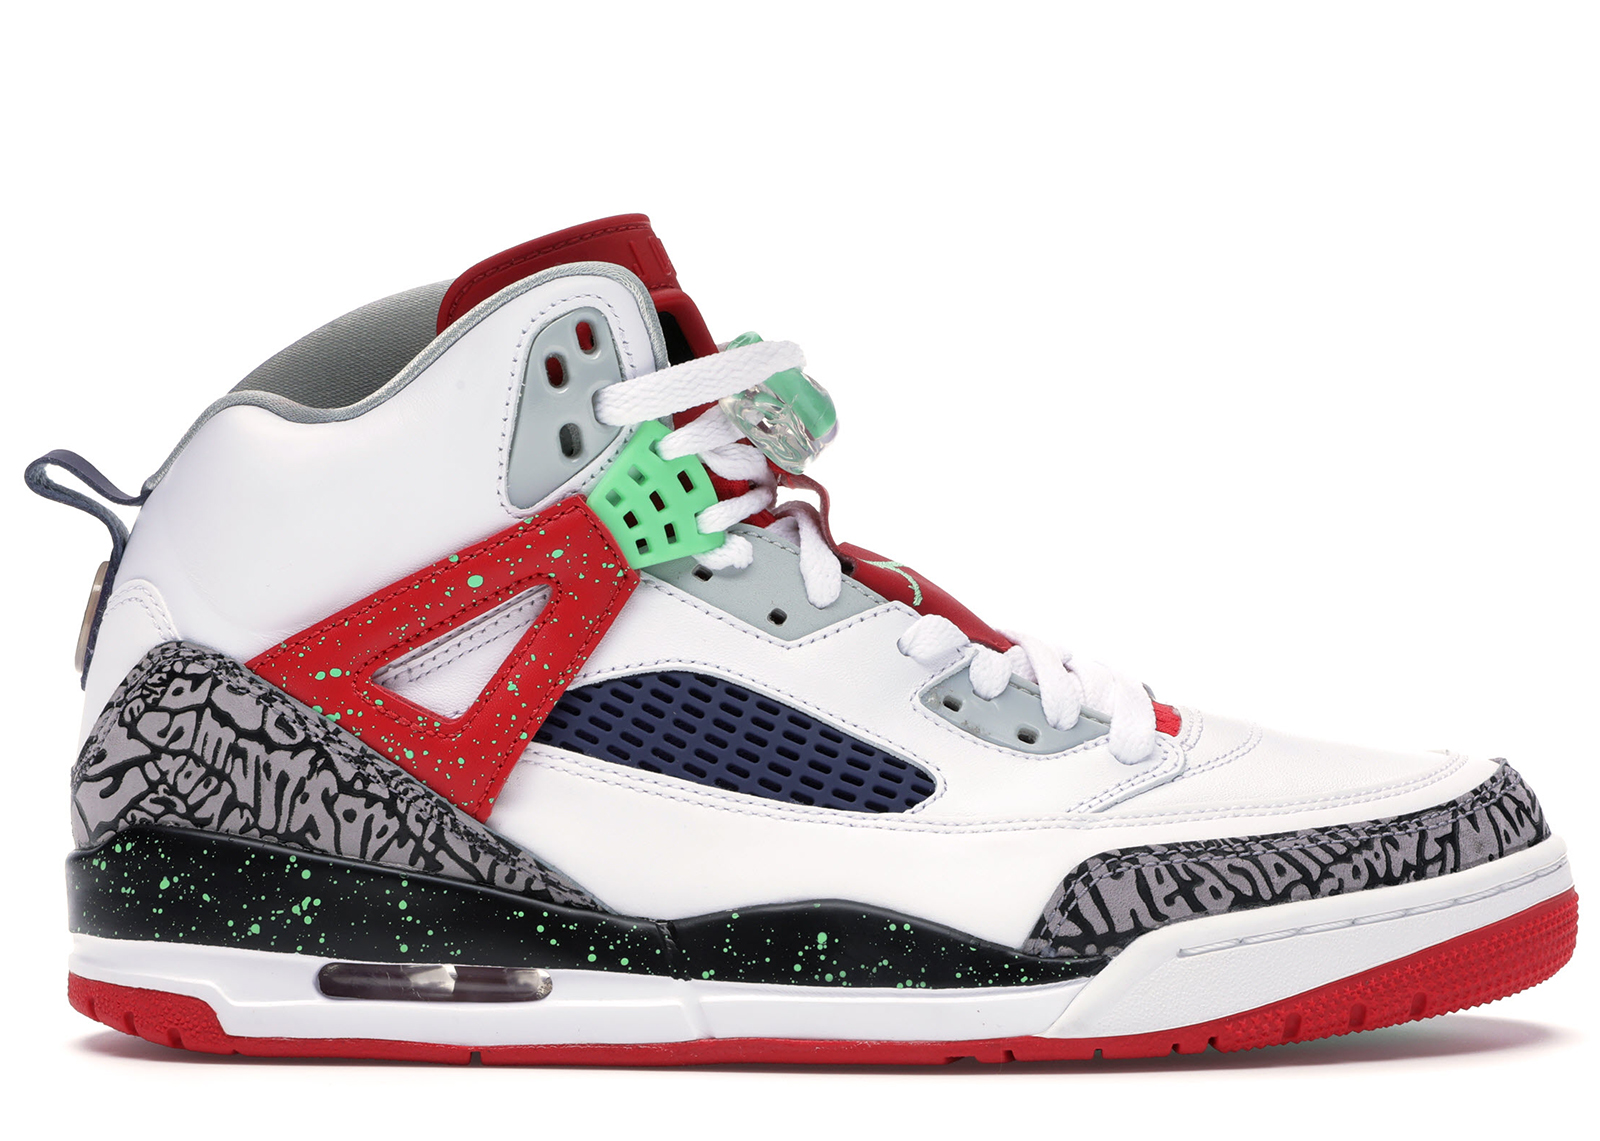 Jordan Spizike Poision Green - 315371-132